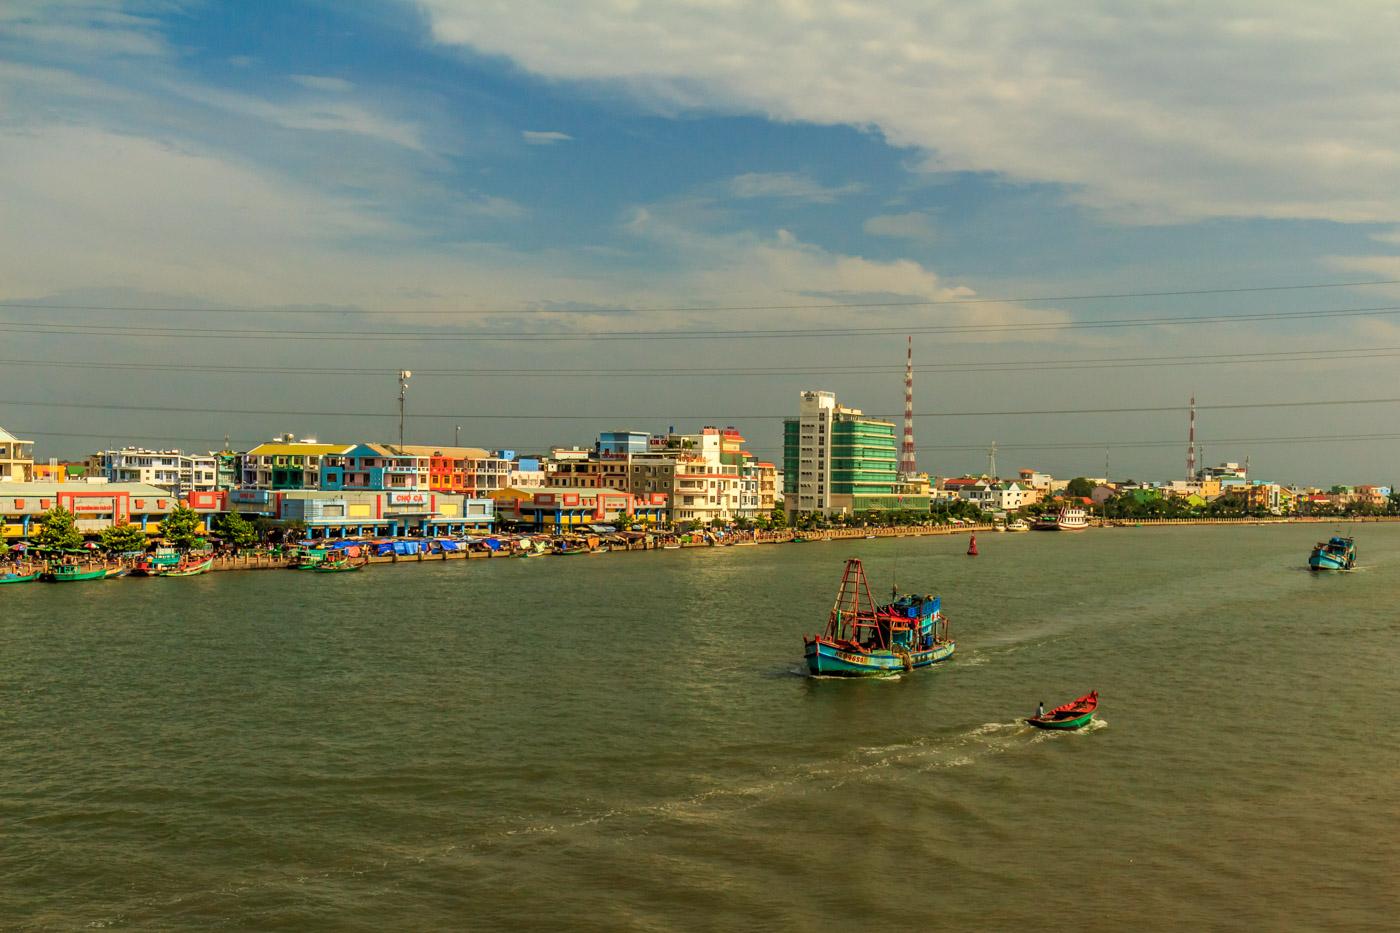 Hà Tiên from the river.